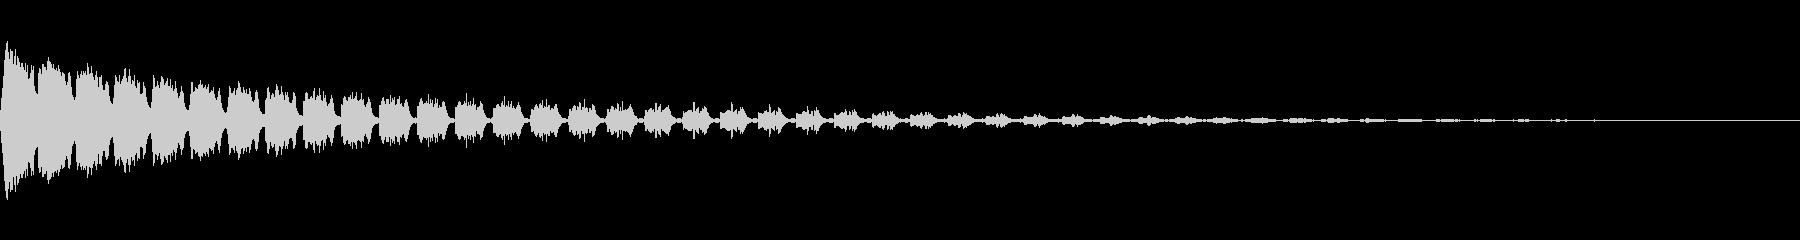 ピロピロピロ(ピコピコ/アラーム/ワープの未再生の波形